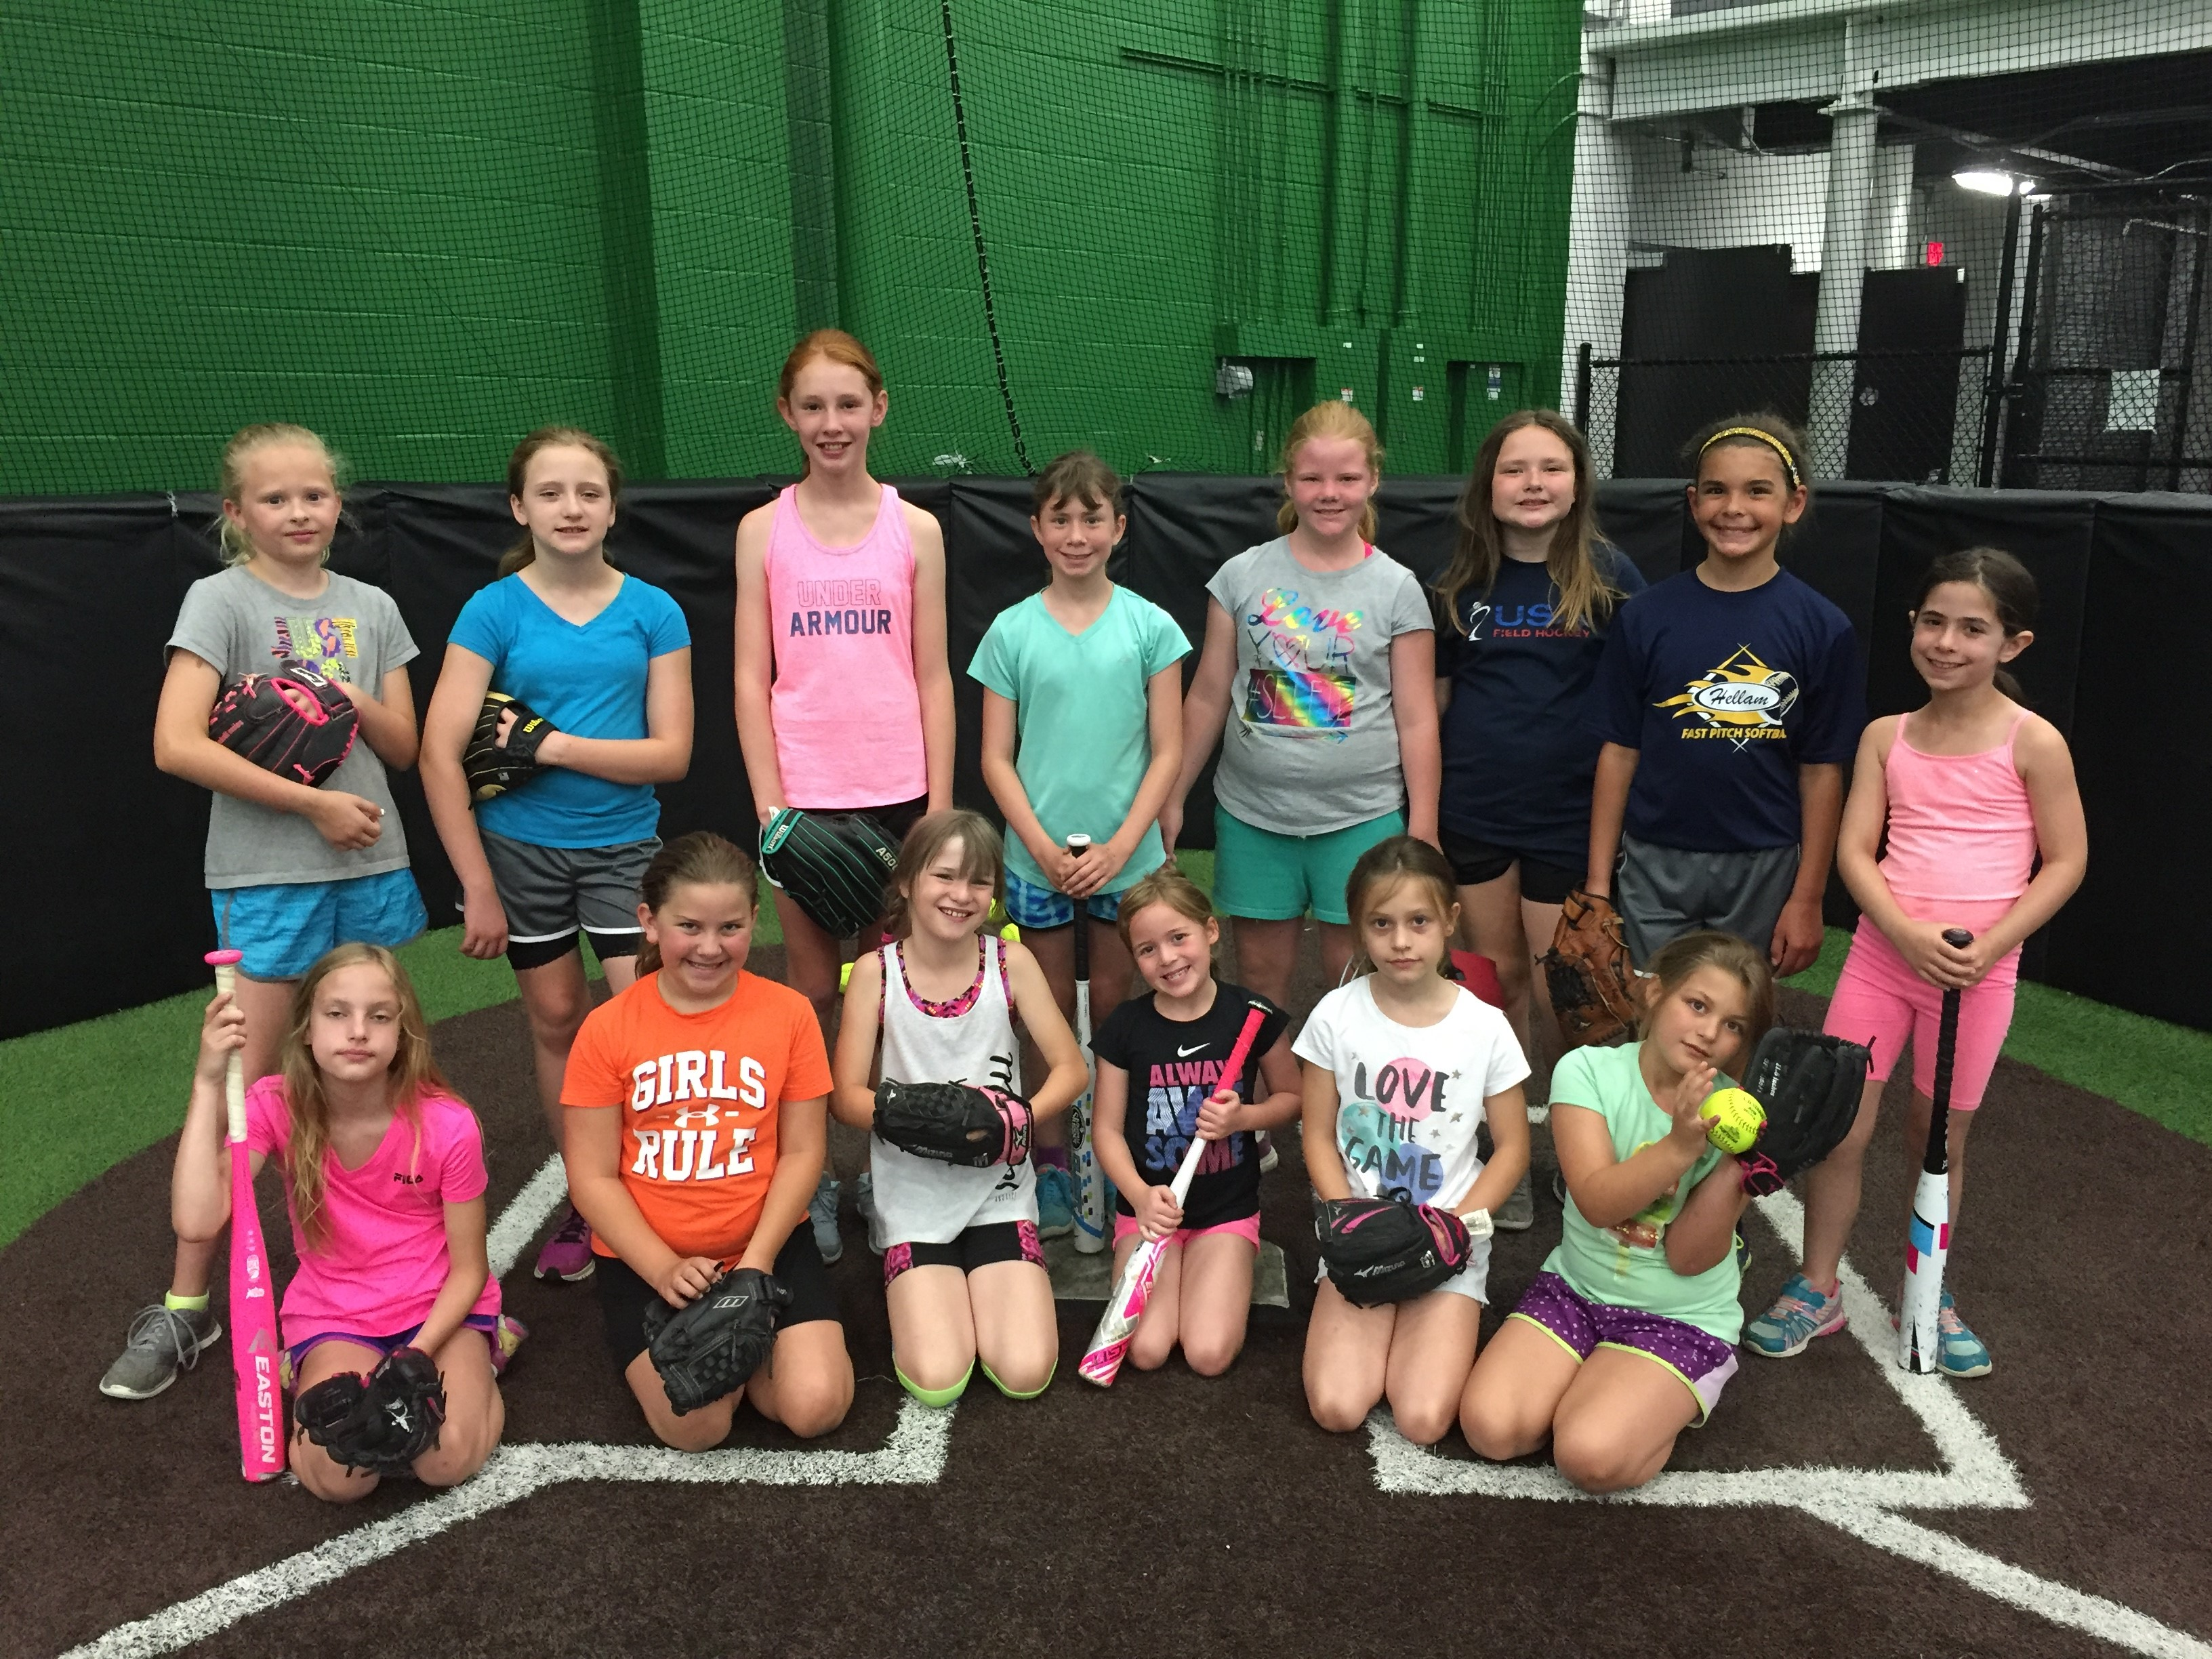 Softball Camp Nice